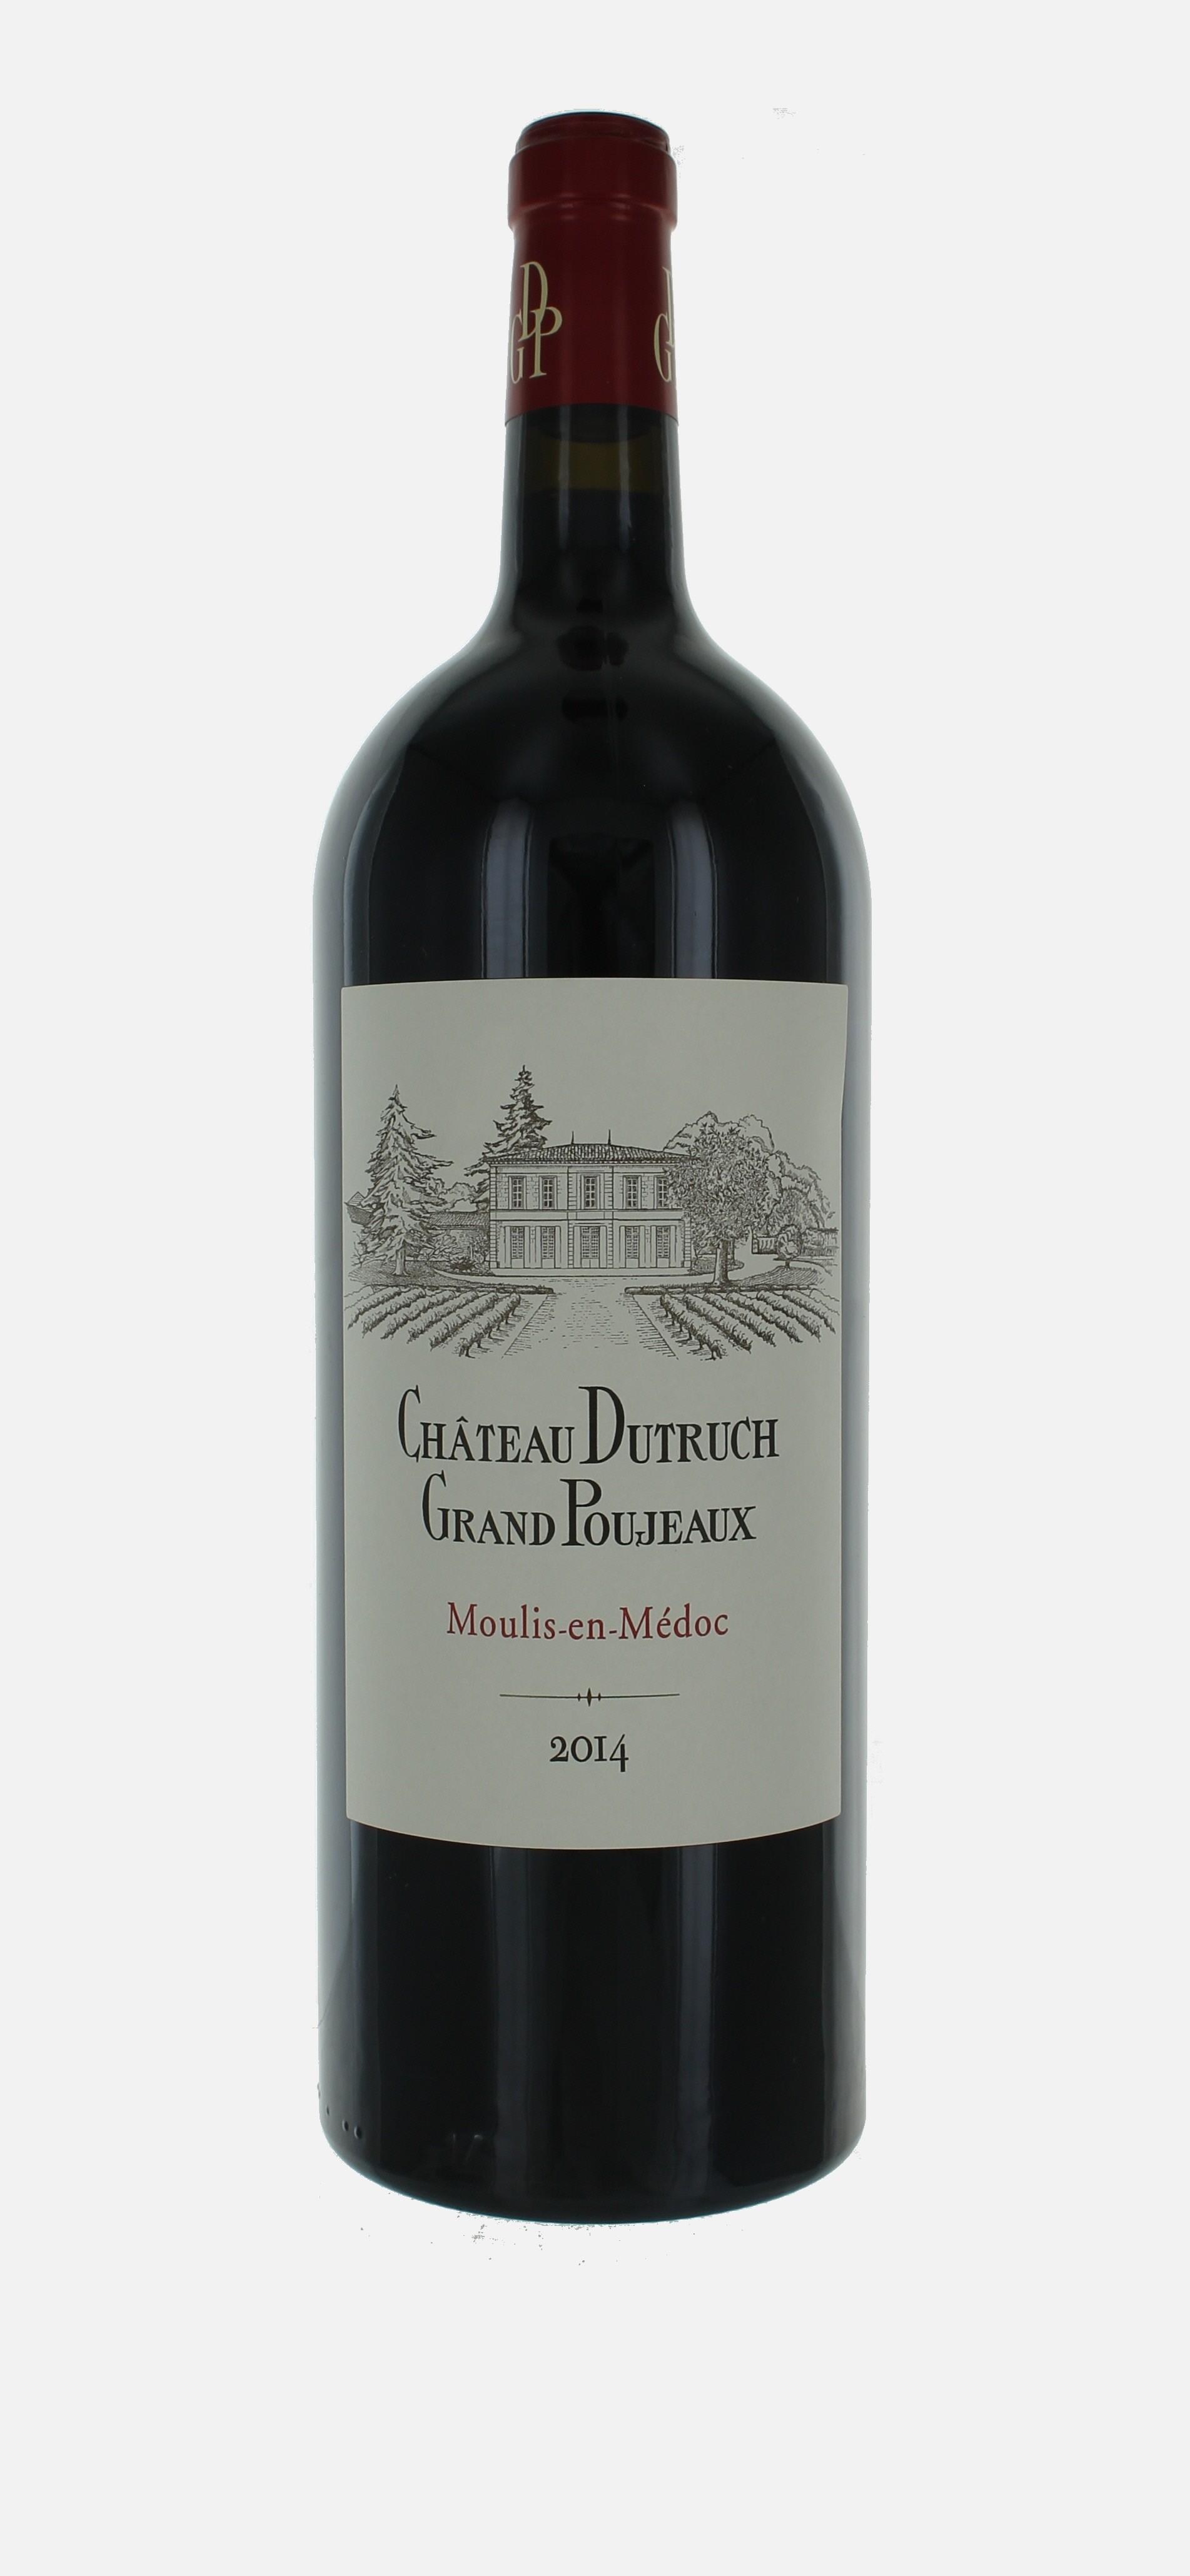 Château Dutruch Grand Poujeaux, Moulis